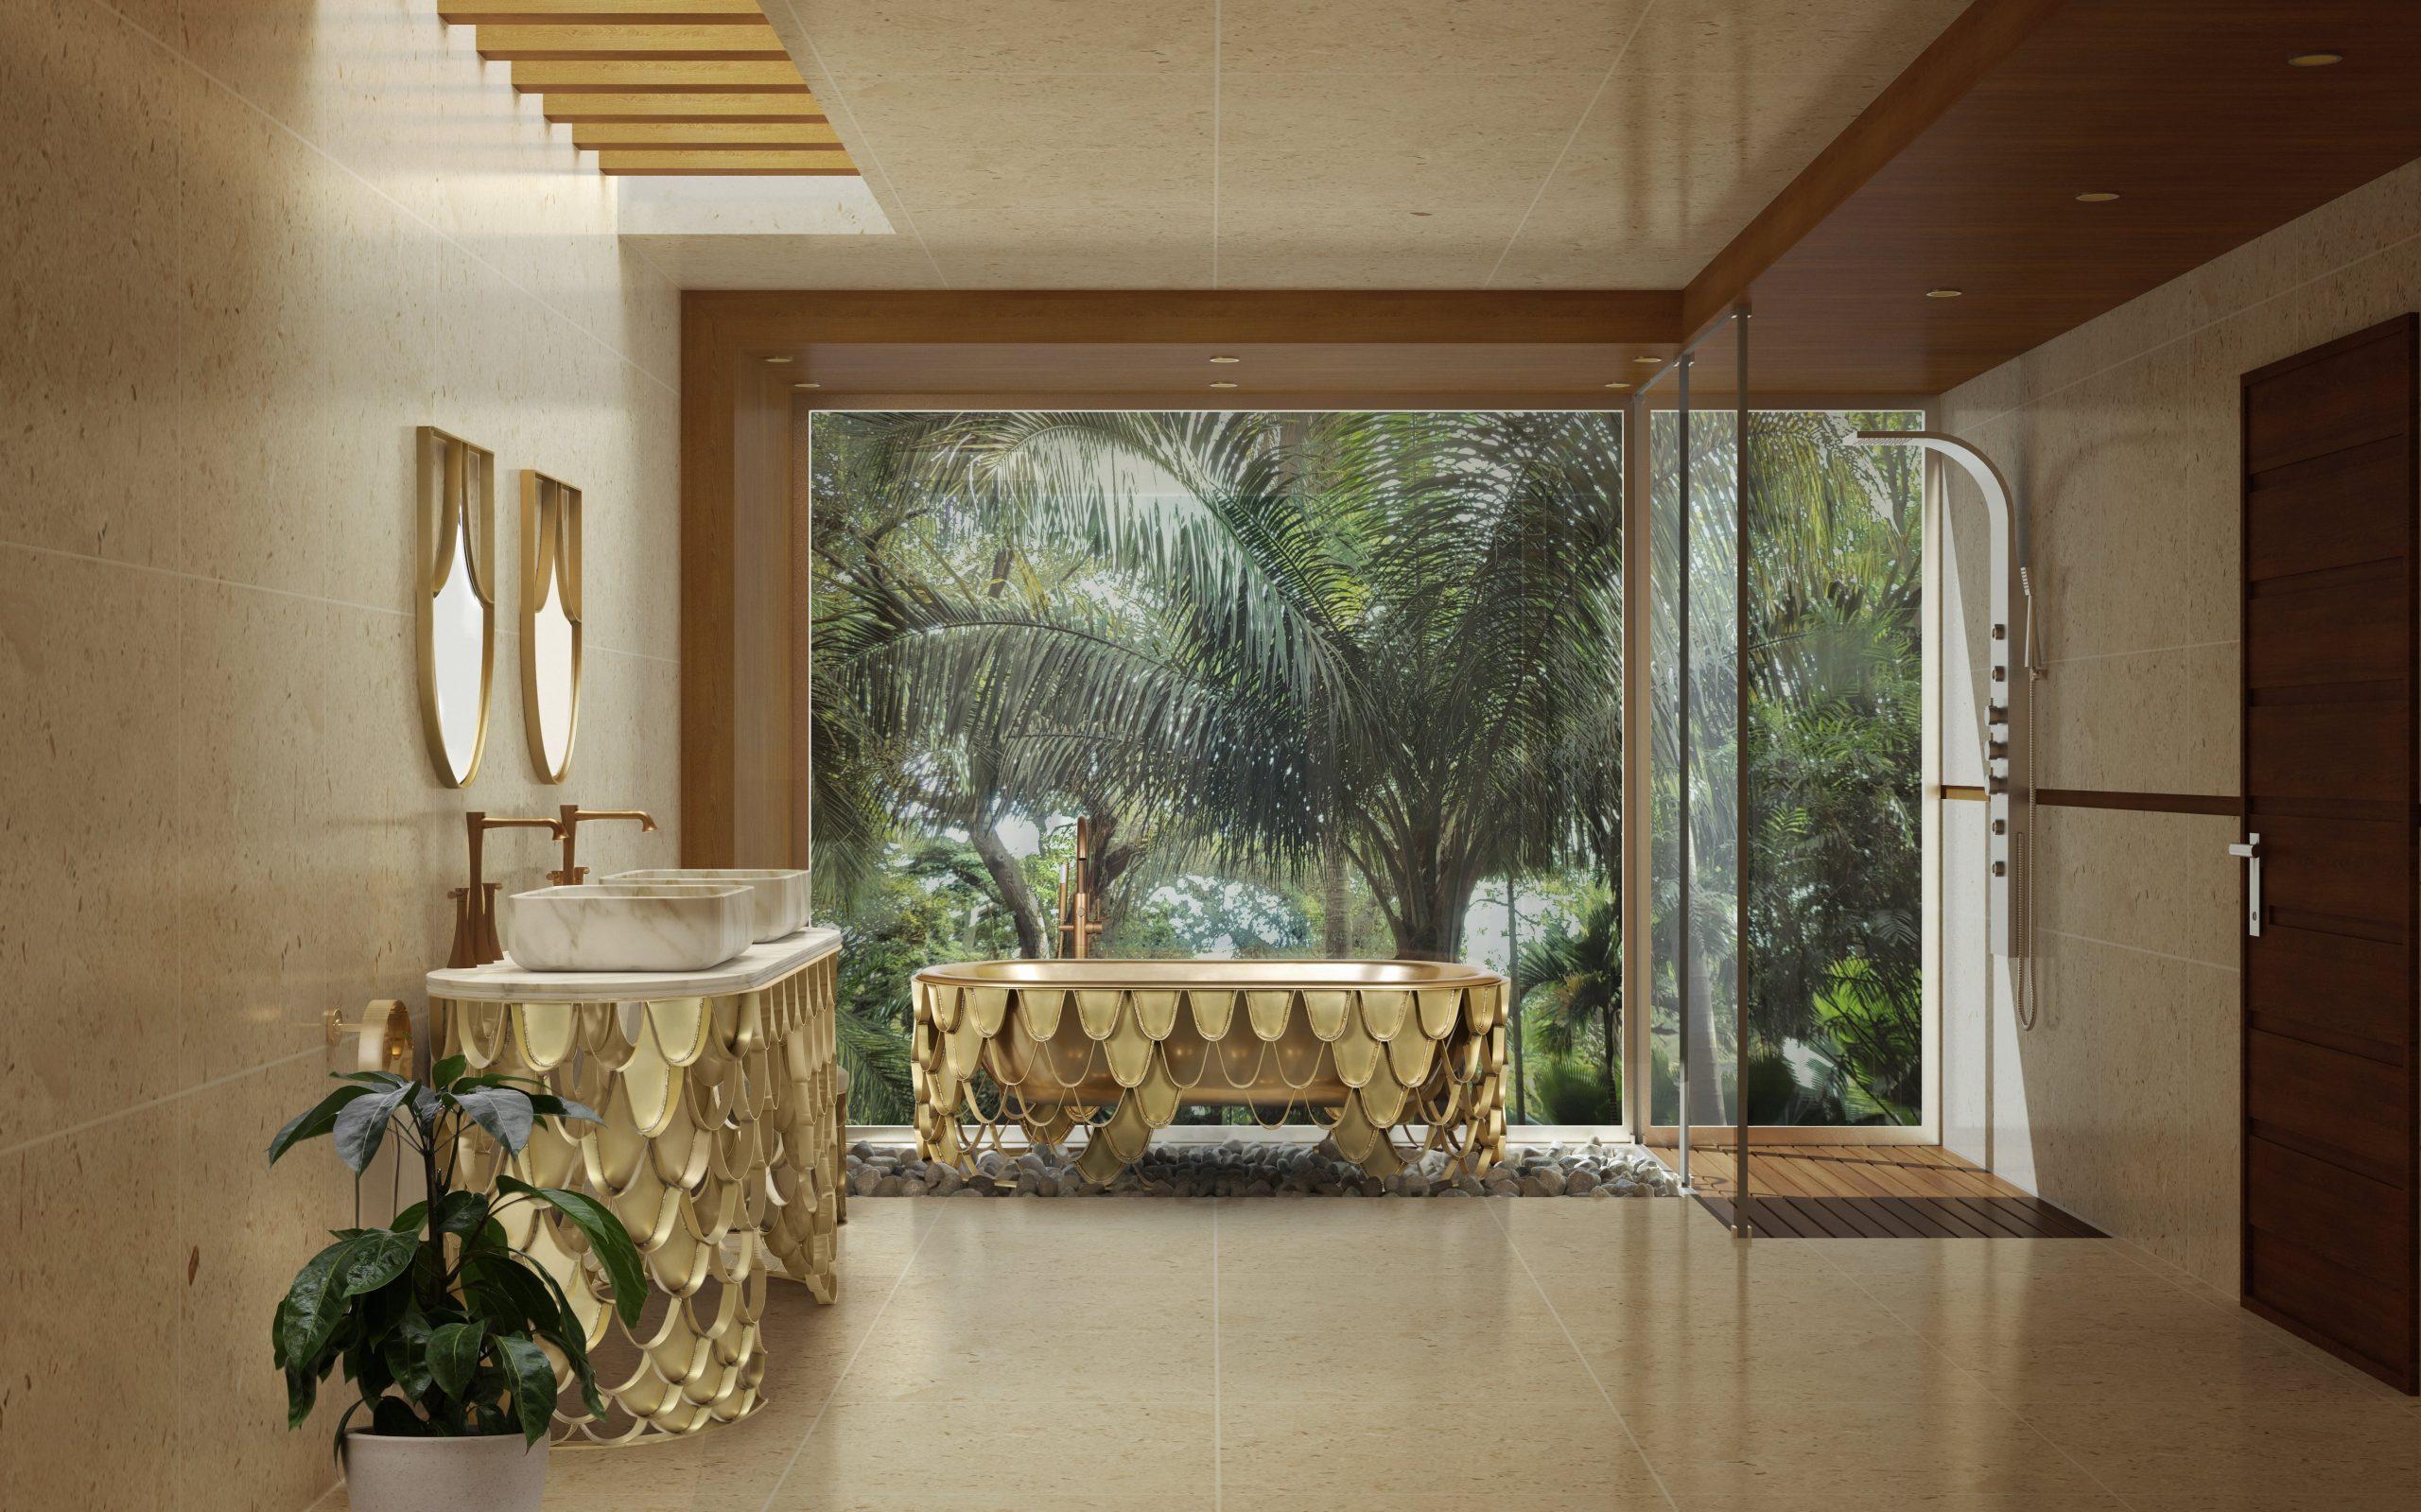 Biophilic Designs: Explore This Trend in your Bathroom Design